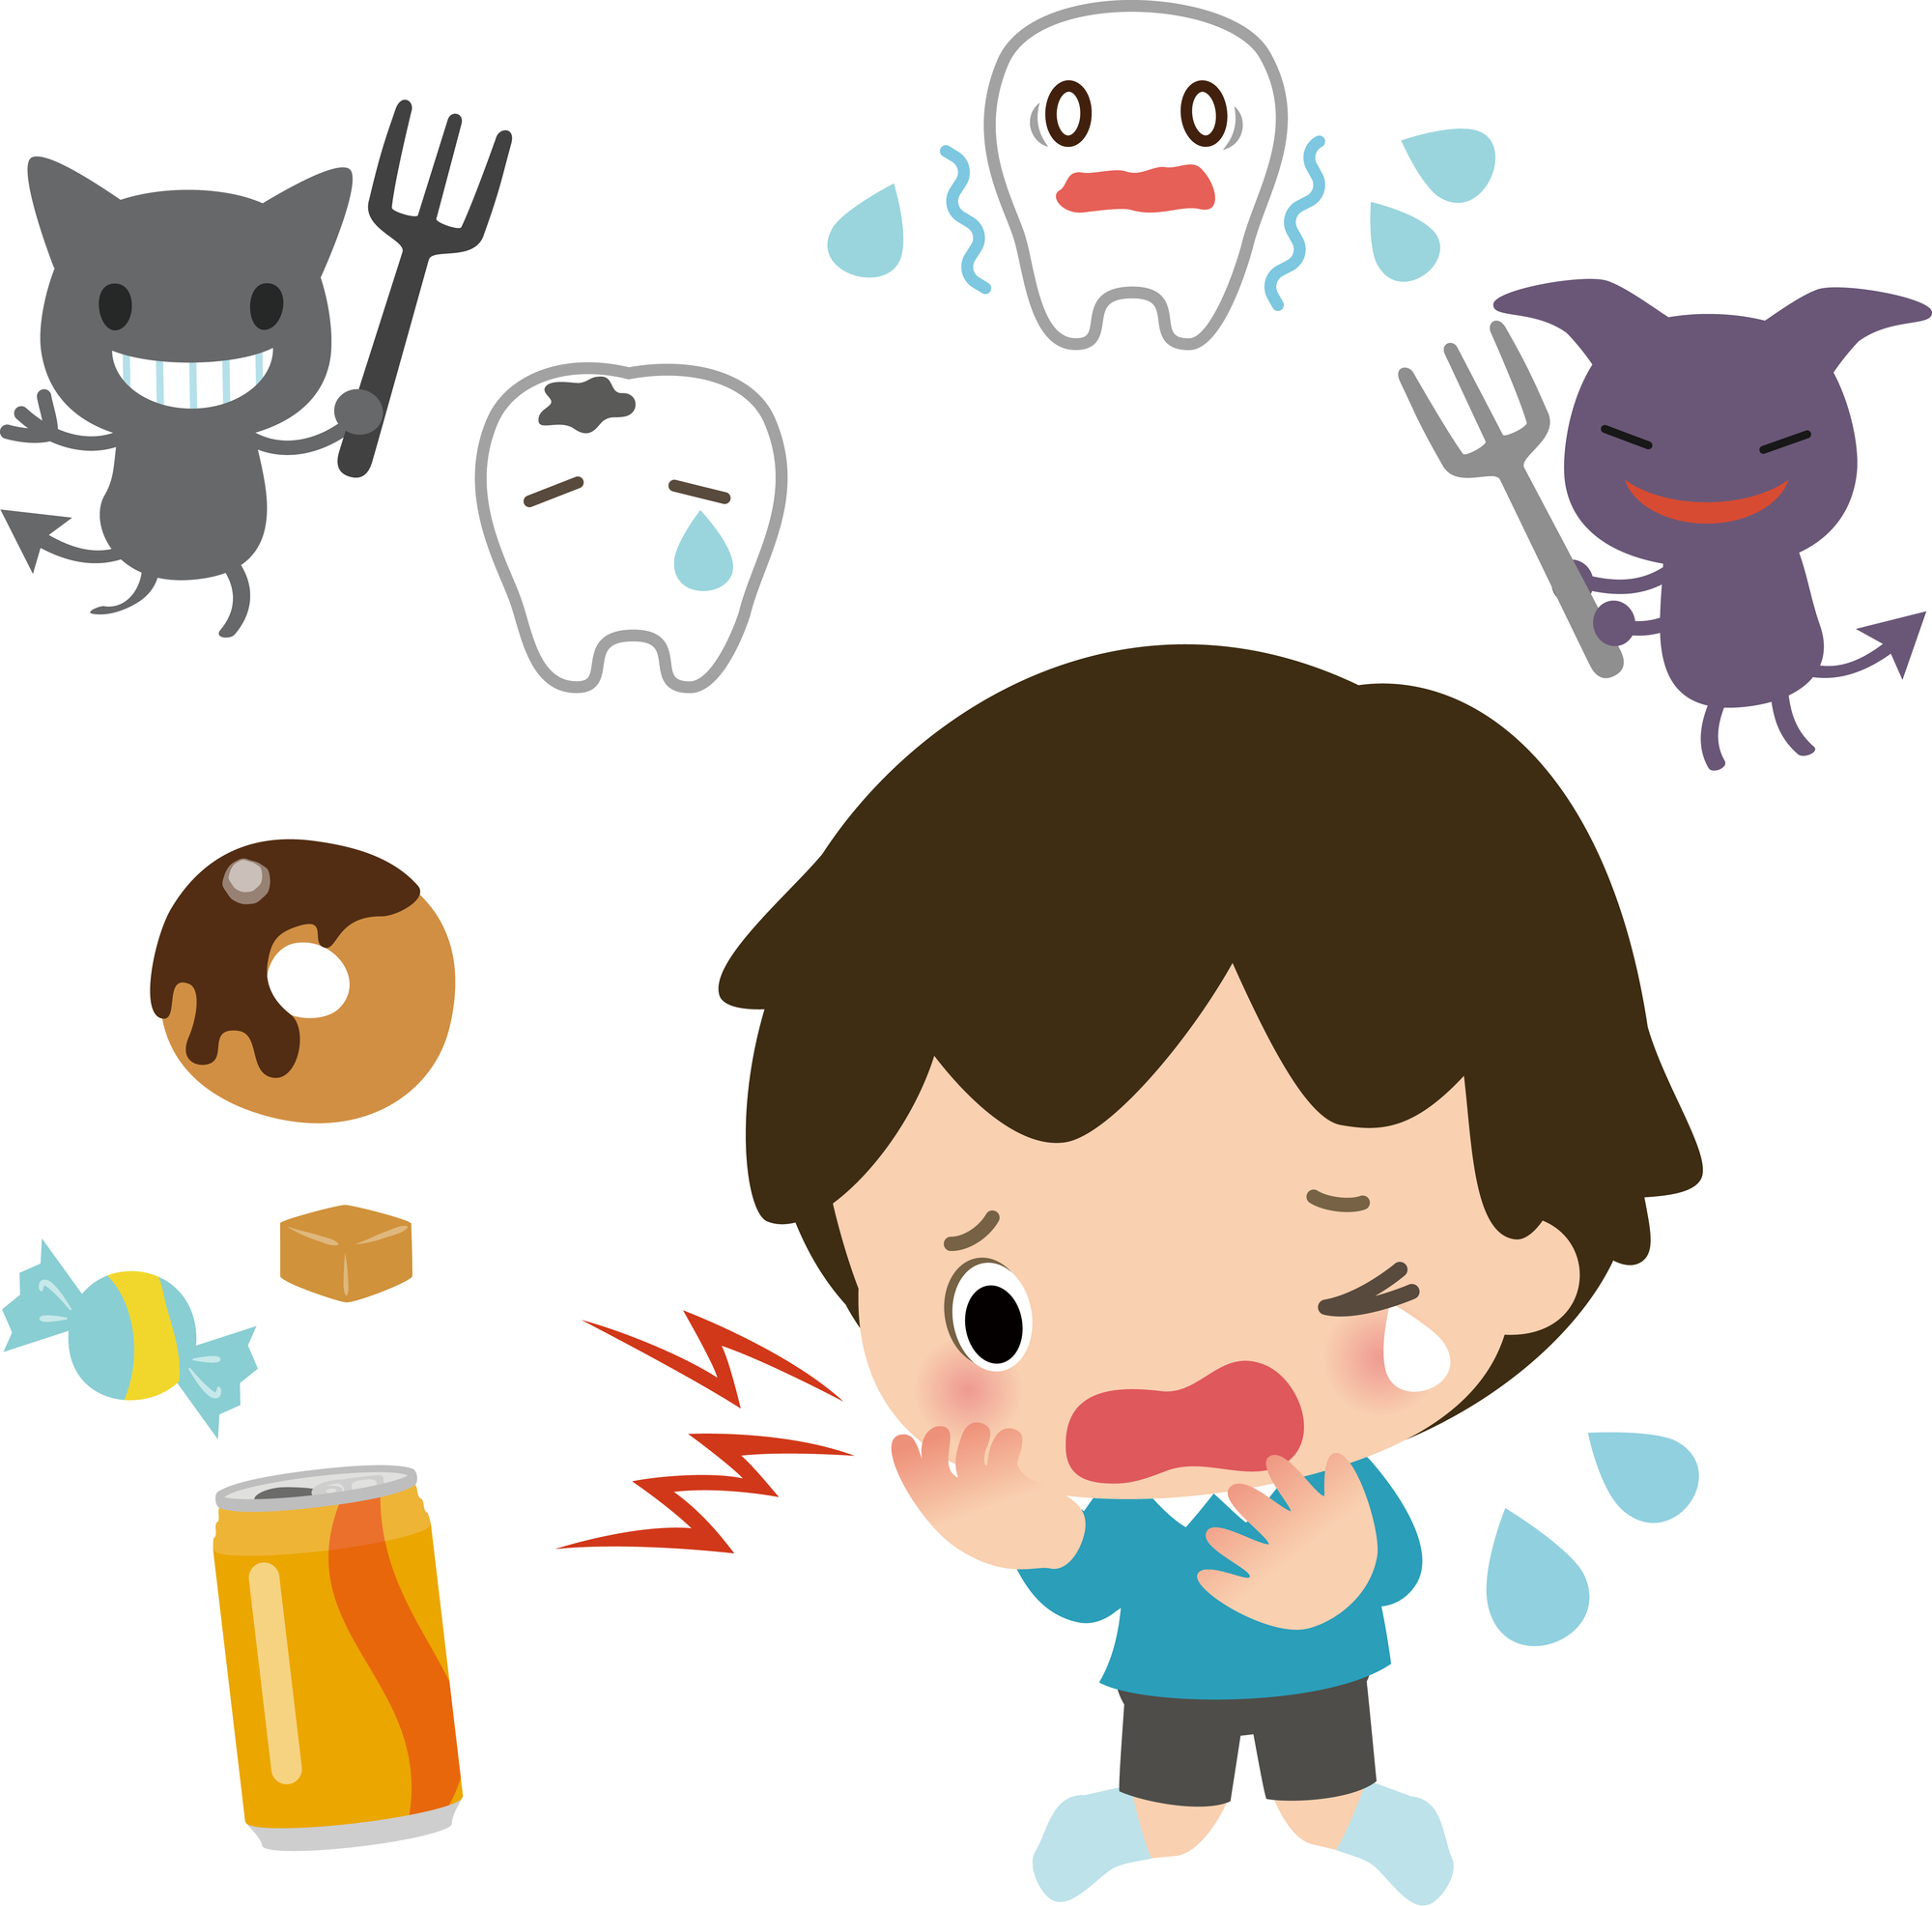 歯 が 痛い とき の 食べ物